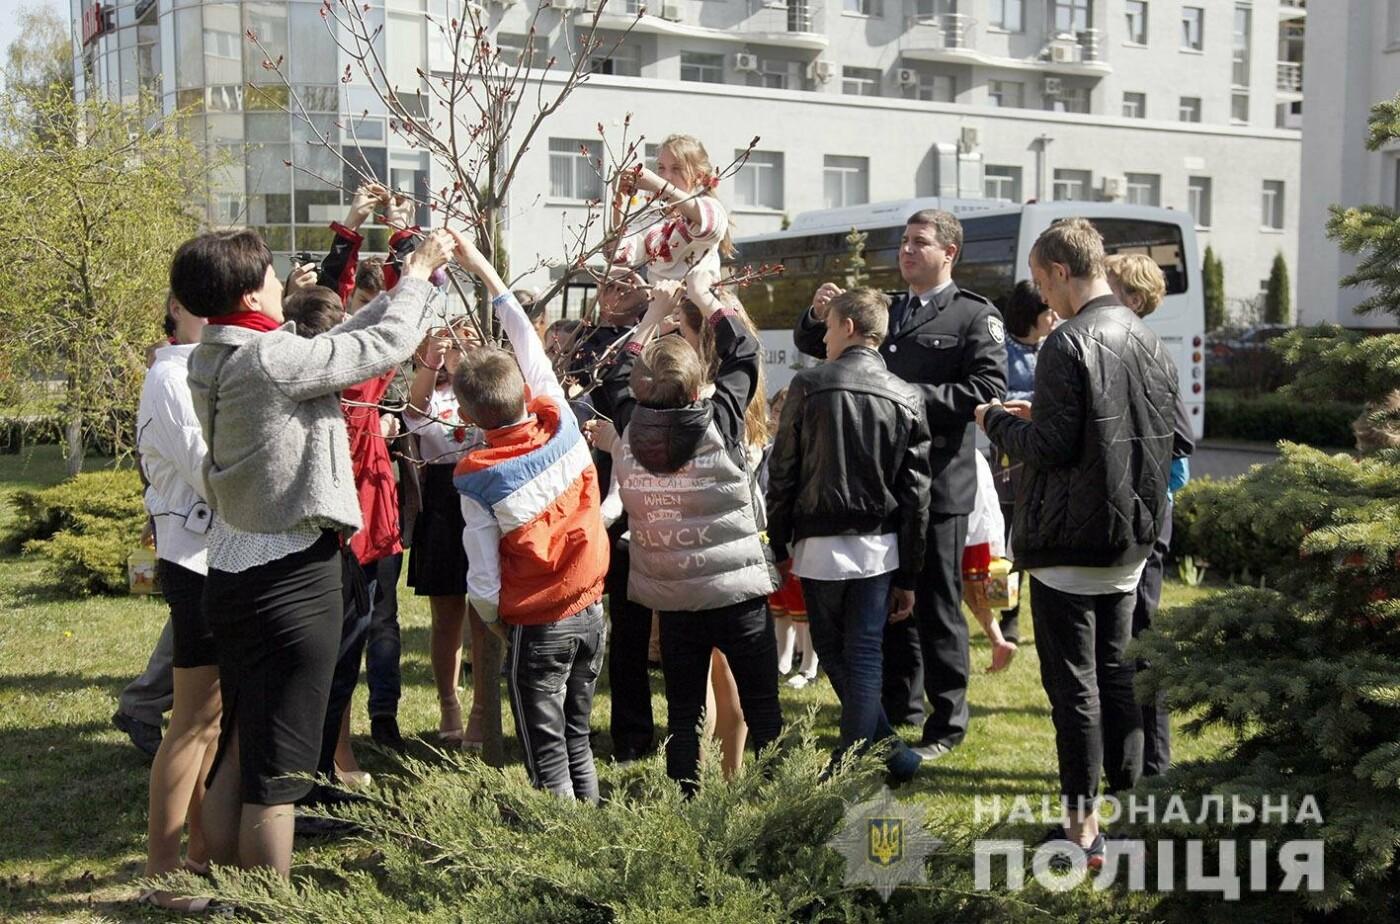 На подвір'ї Головного управління Нацполіції в Хмельницькій області з'явилось великоднє дерево (фото, відео), фото-1